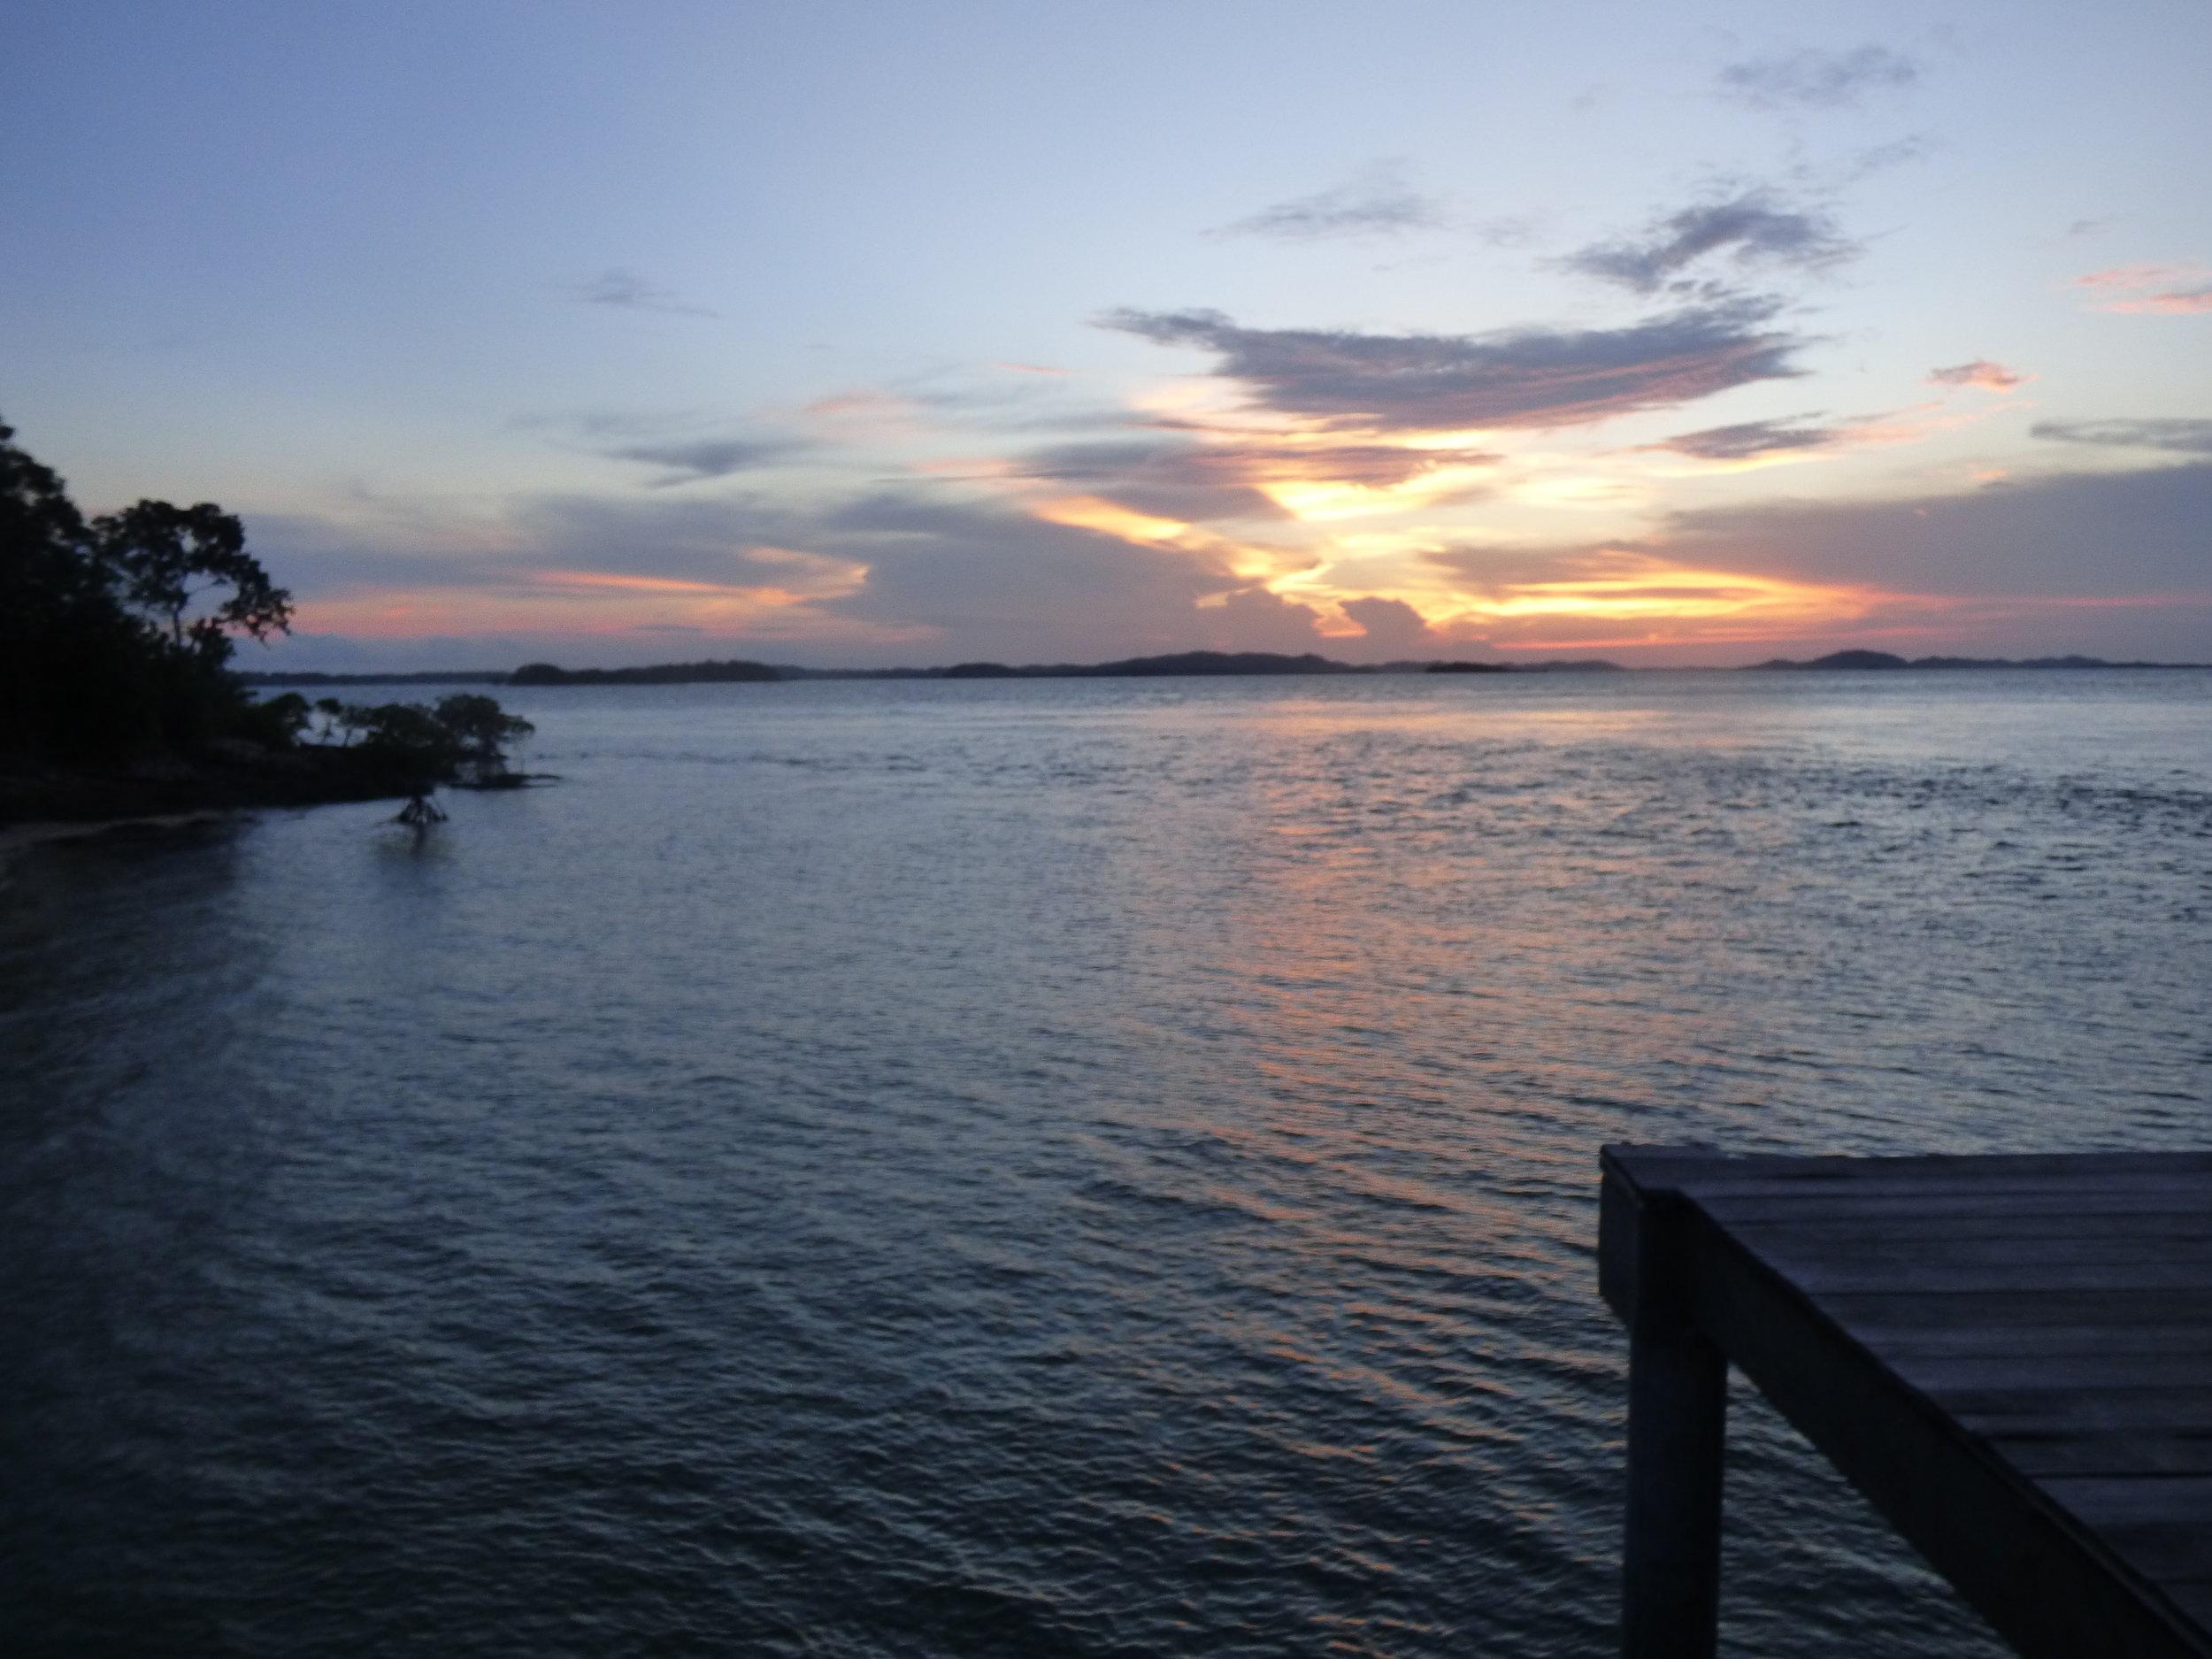 Sunset at Telunas